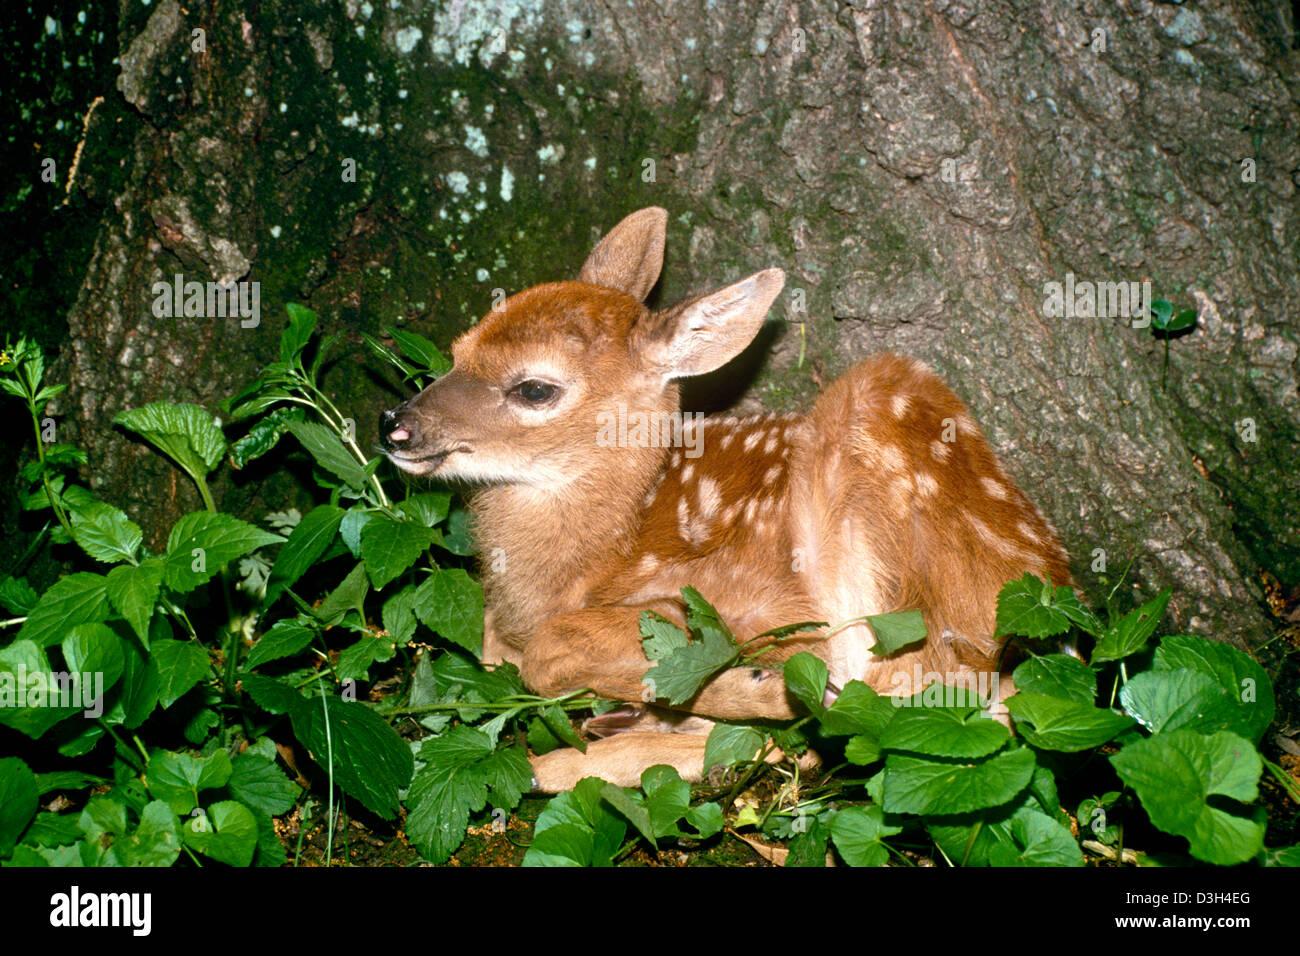 Faon cerf de Virginie (Odocoileus virginianus) assis à la base d'un arbre en forêt, Missouri, États Photo Stock